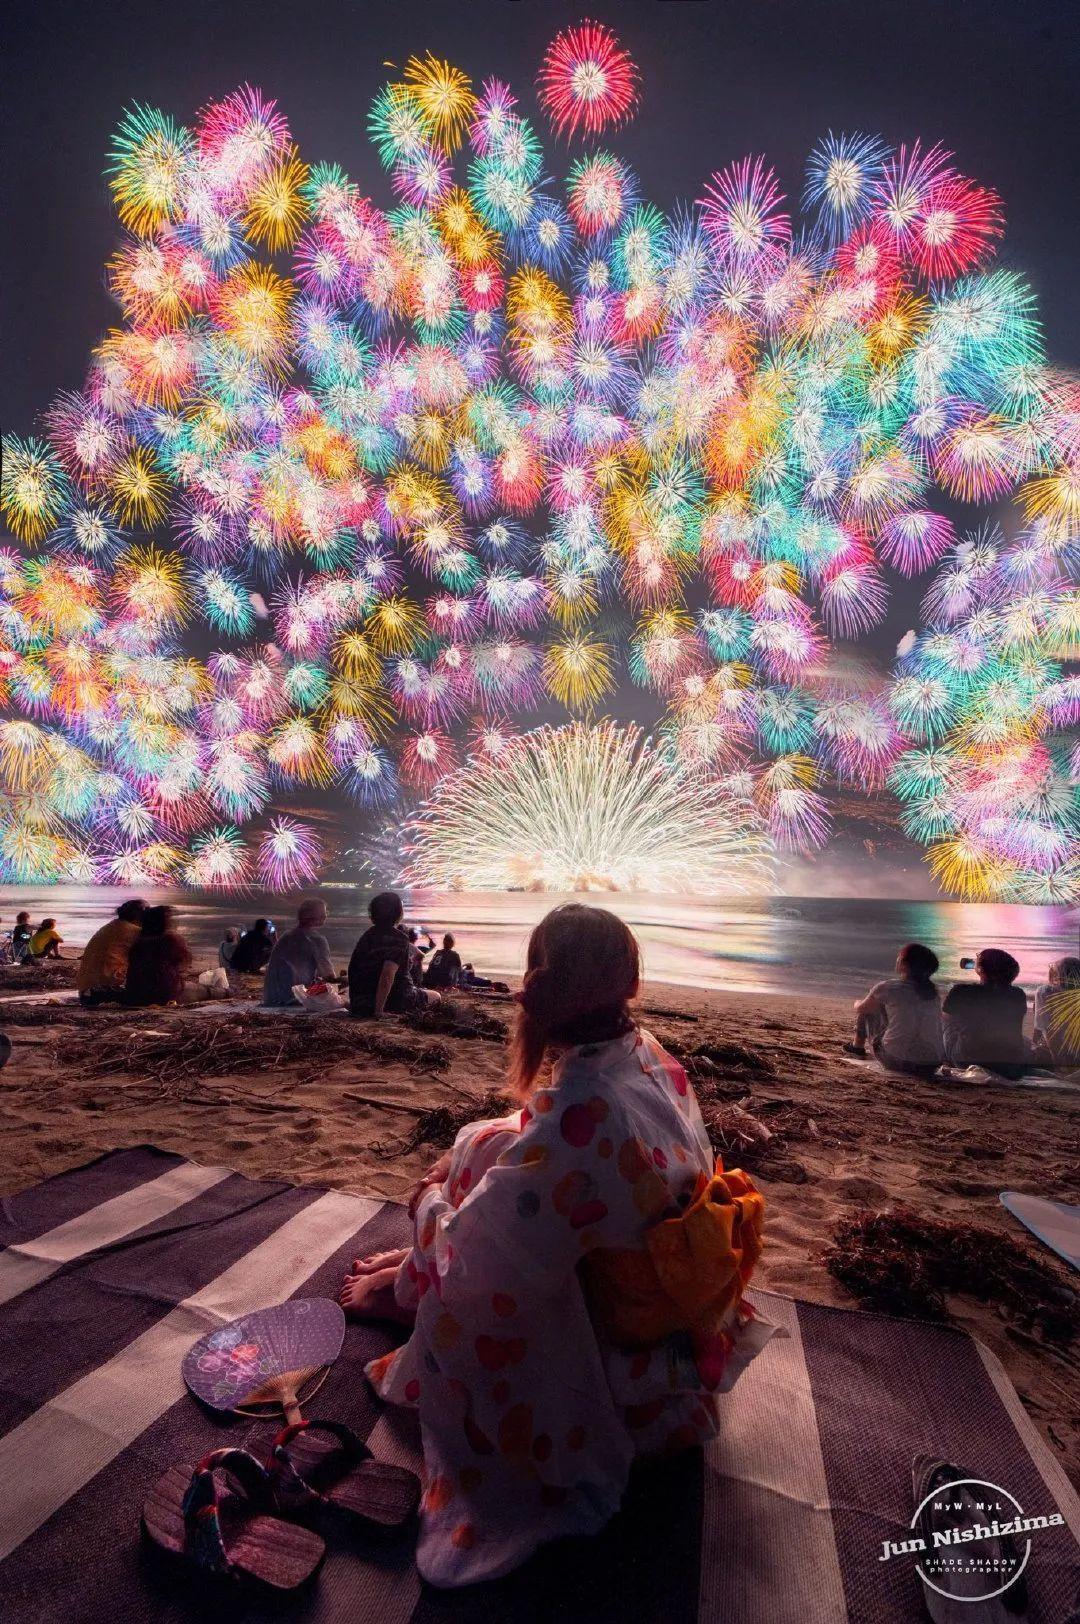 2020日本三重县的花火大会,星光灿烂,令人惊奇!_图片 No.4